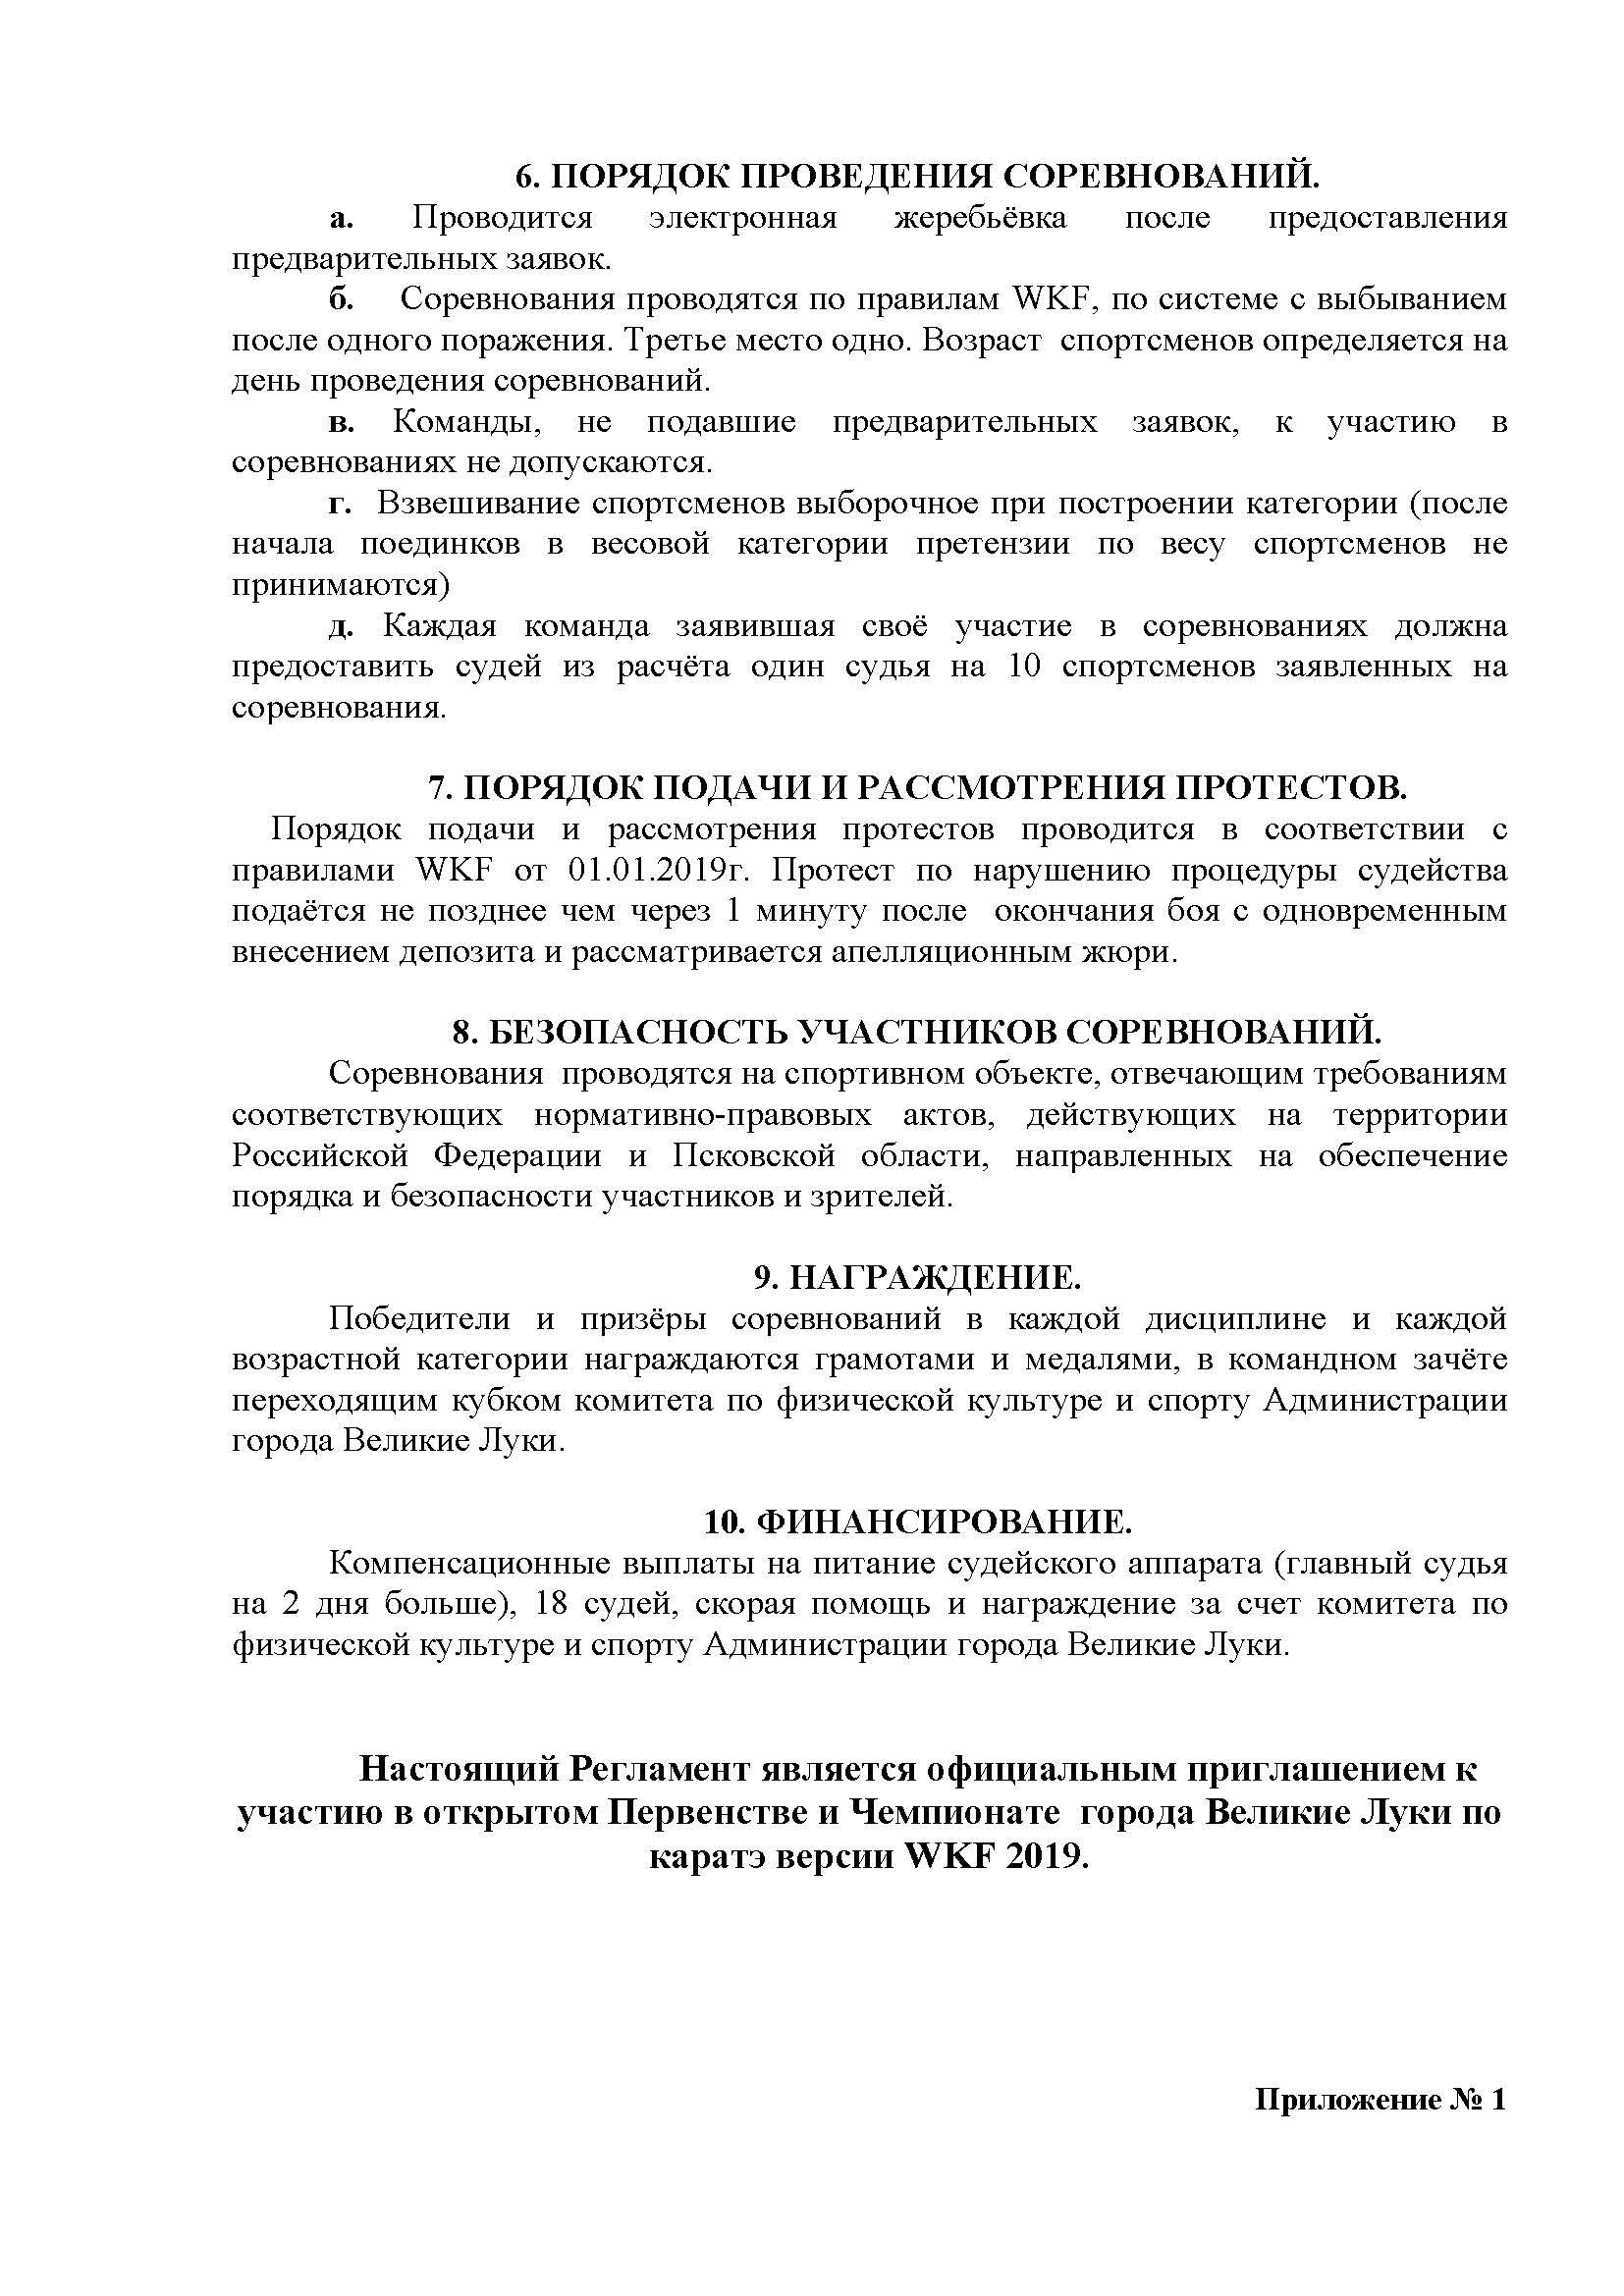 Чемпионат   В. Луки 2019 каратэ_Страница_3